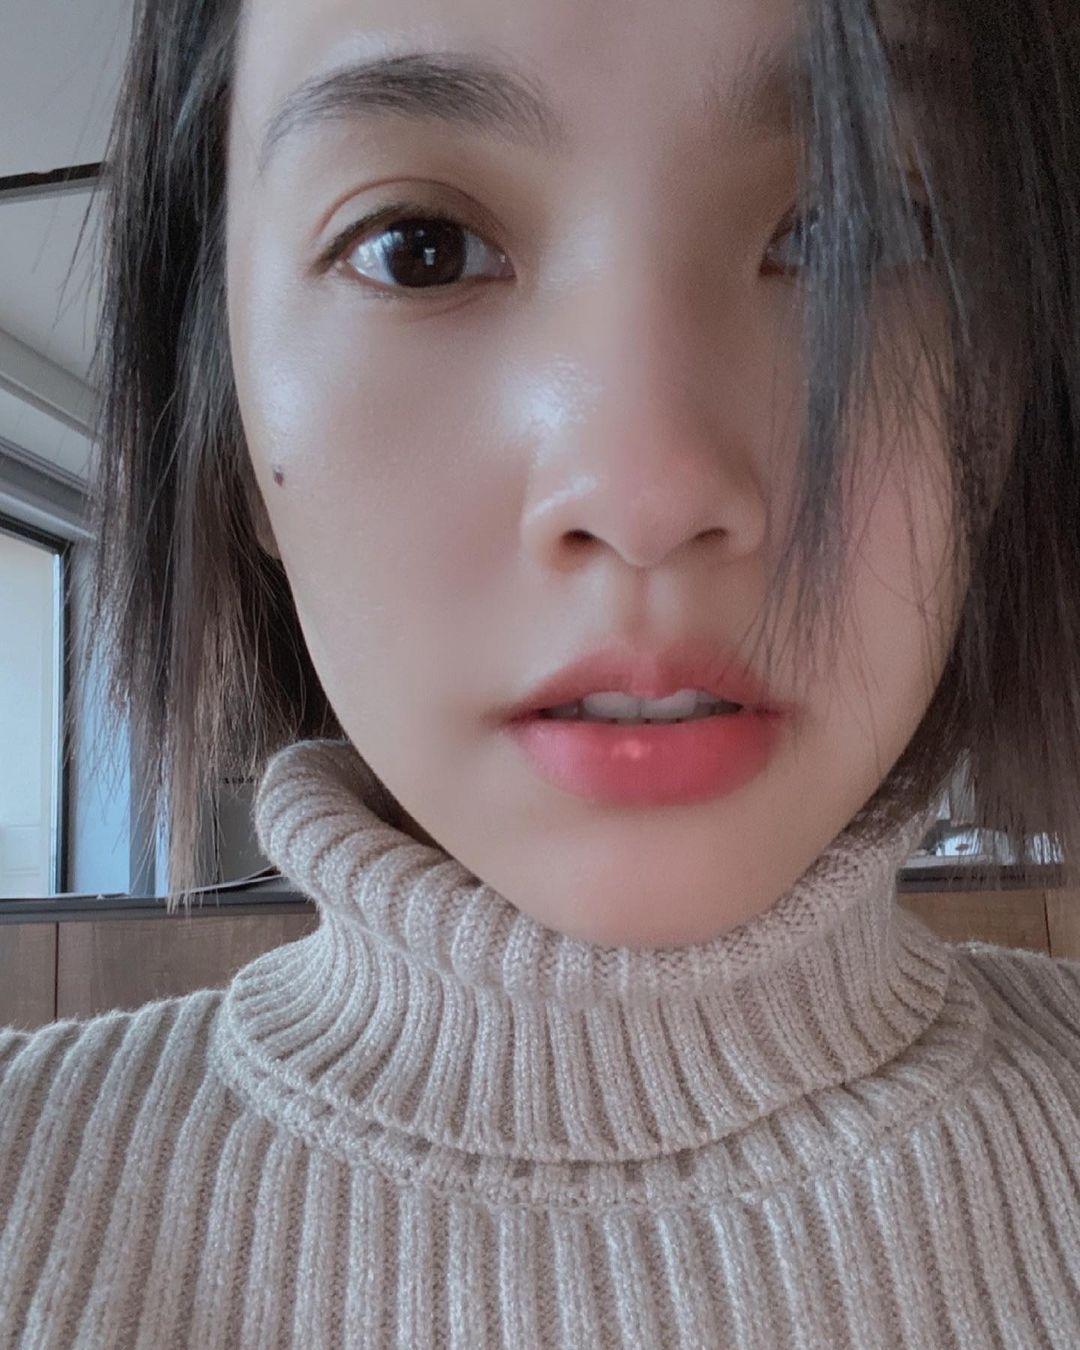 Dương Thừa Lâm debut gần 20 năm rồi mà visual vẫn như gái 20, hoá ra là nhờ 6 bí quyết mà chị em hay bỏ qua - Ảnh 6.